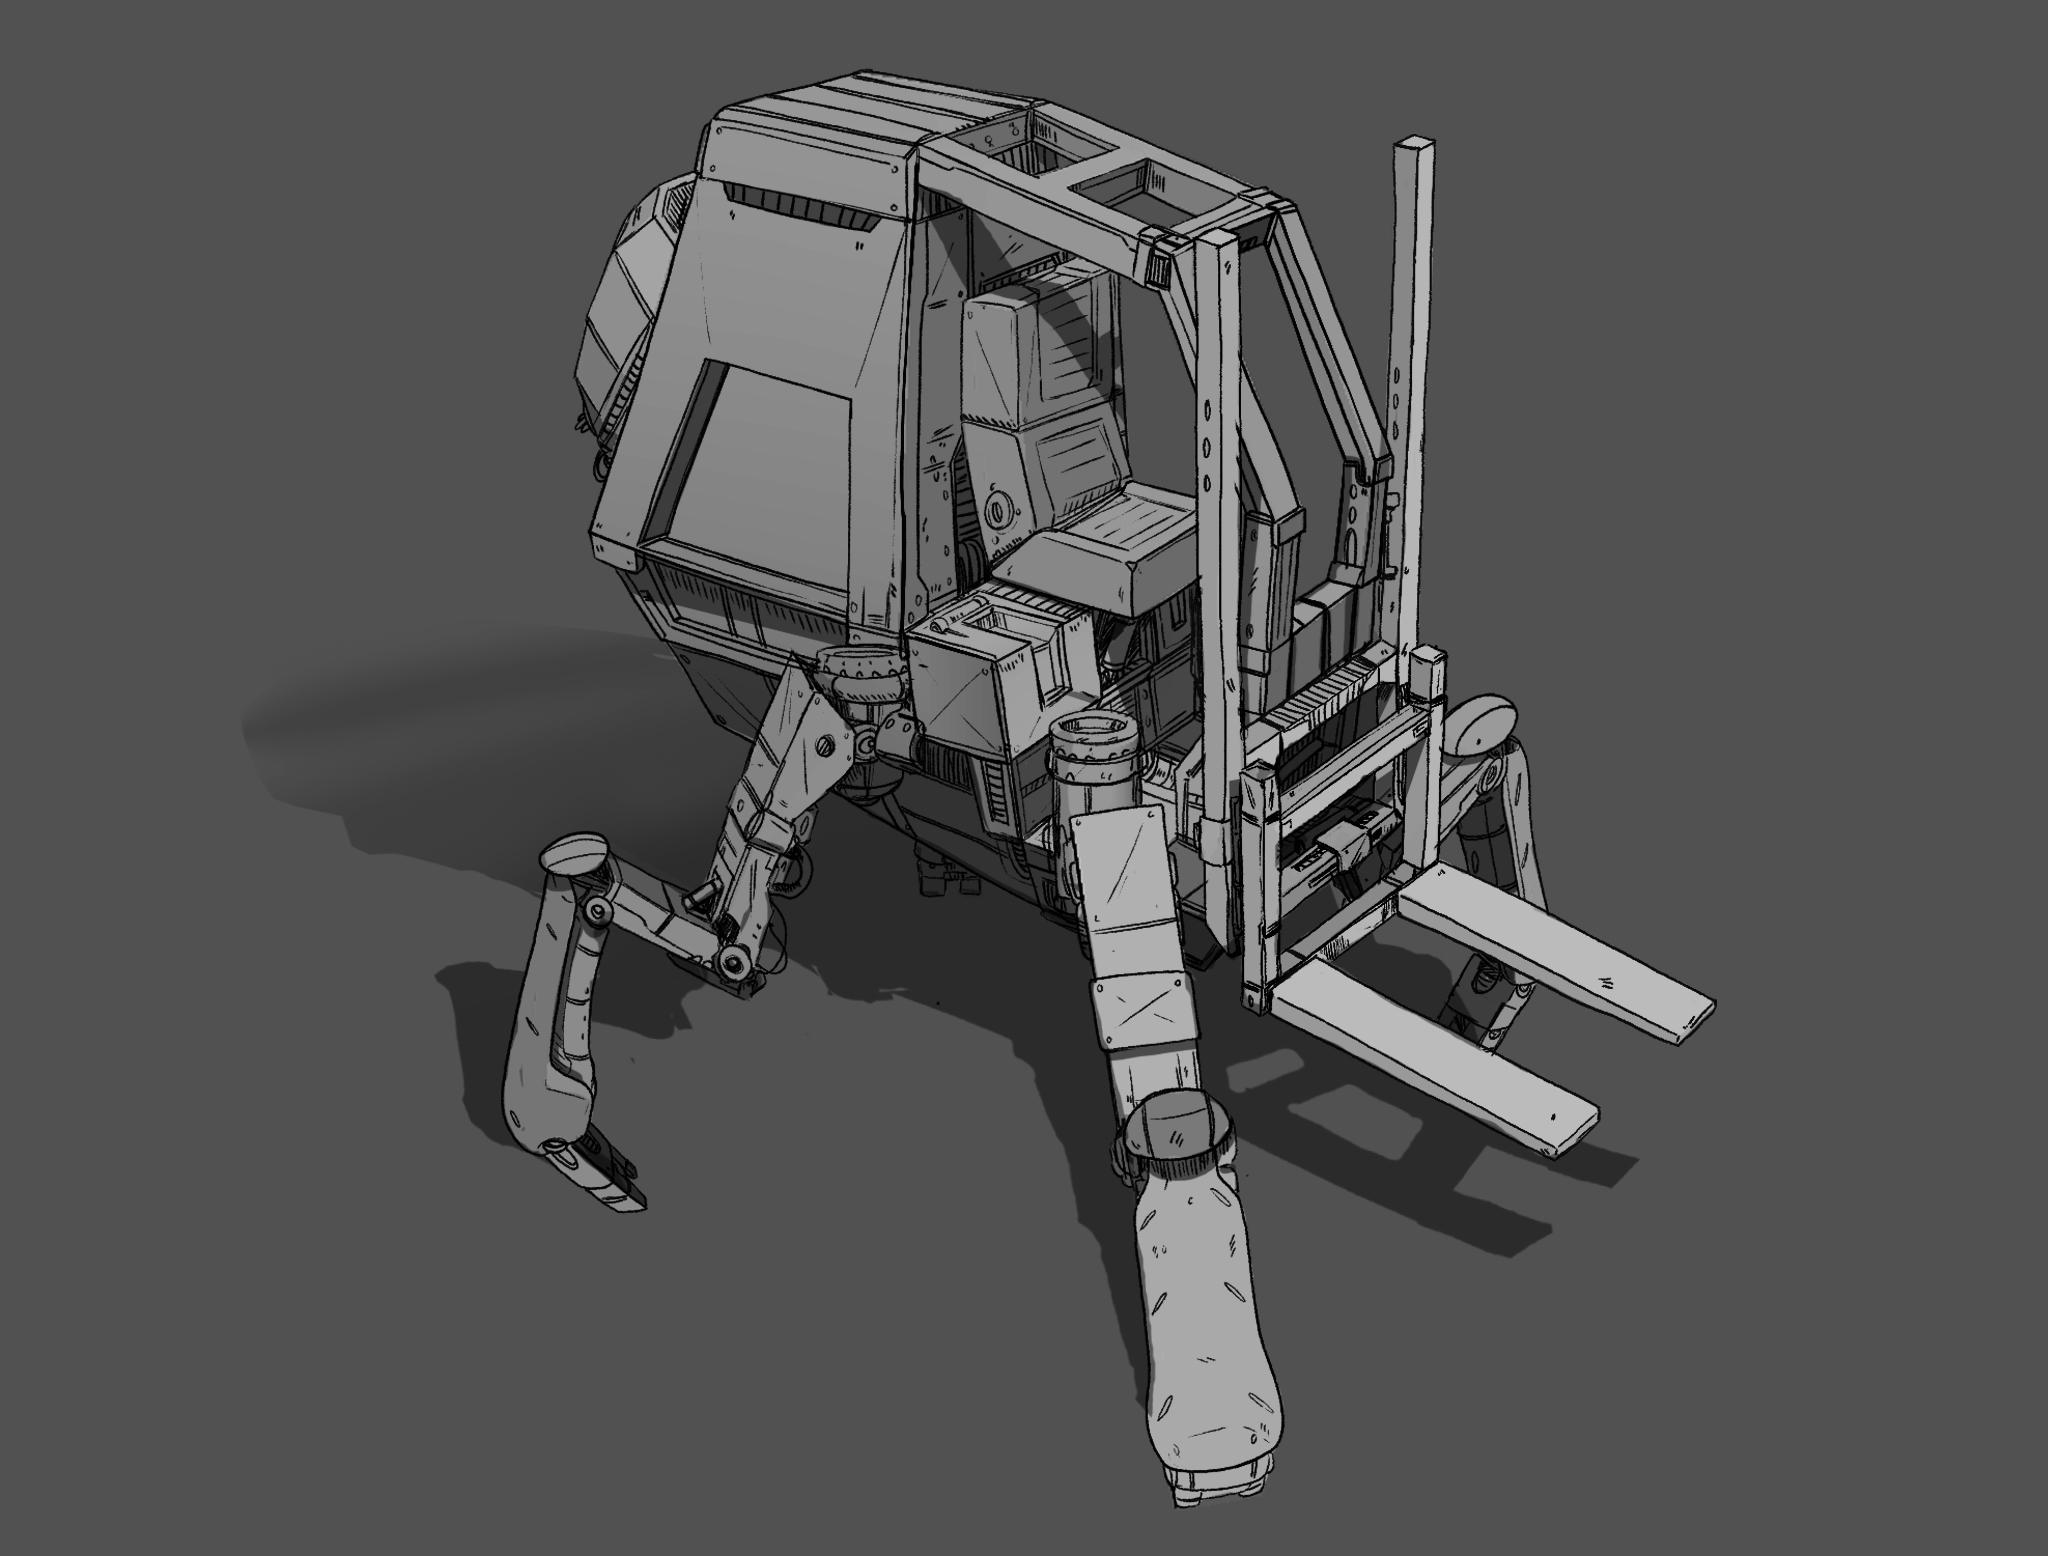 Forklift concept